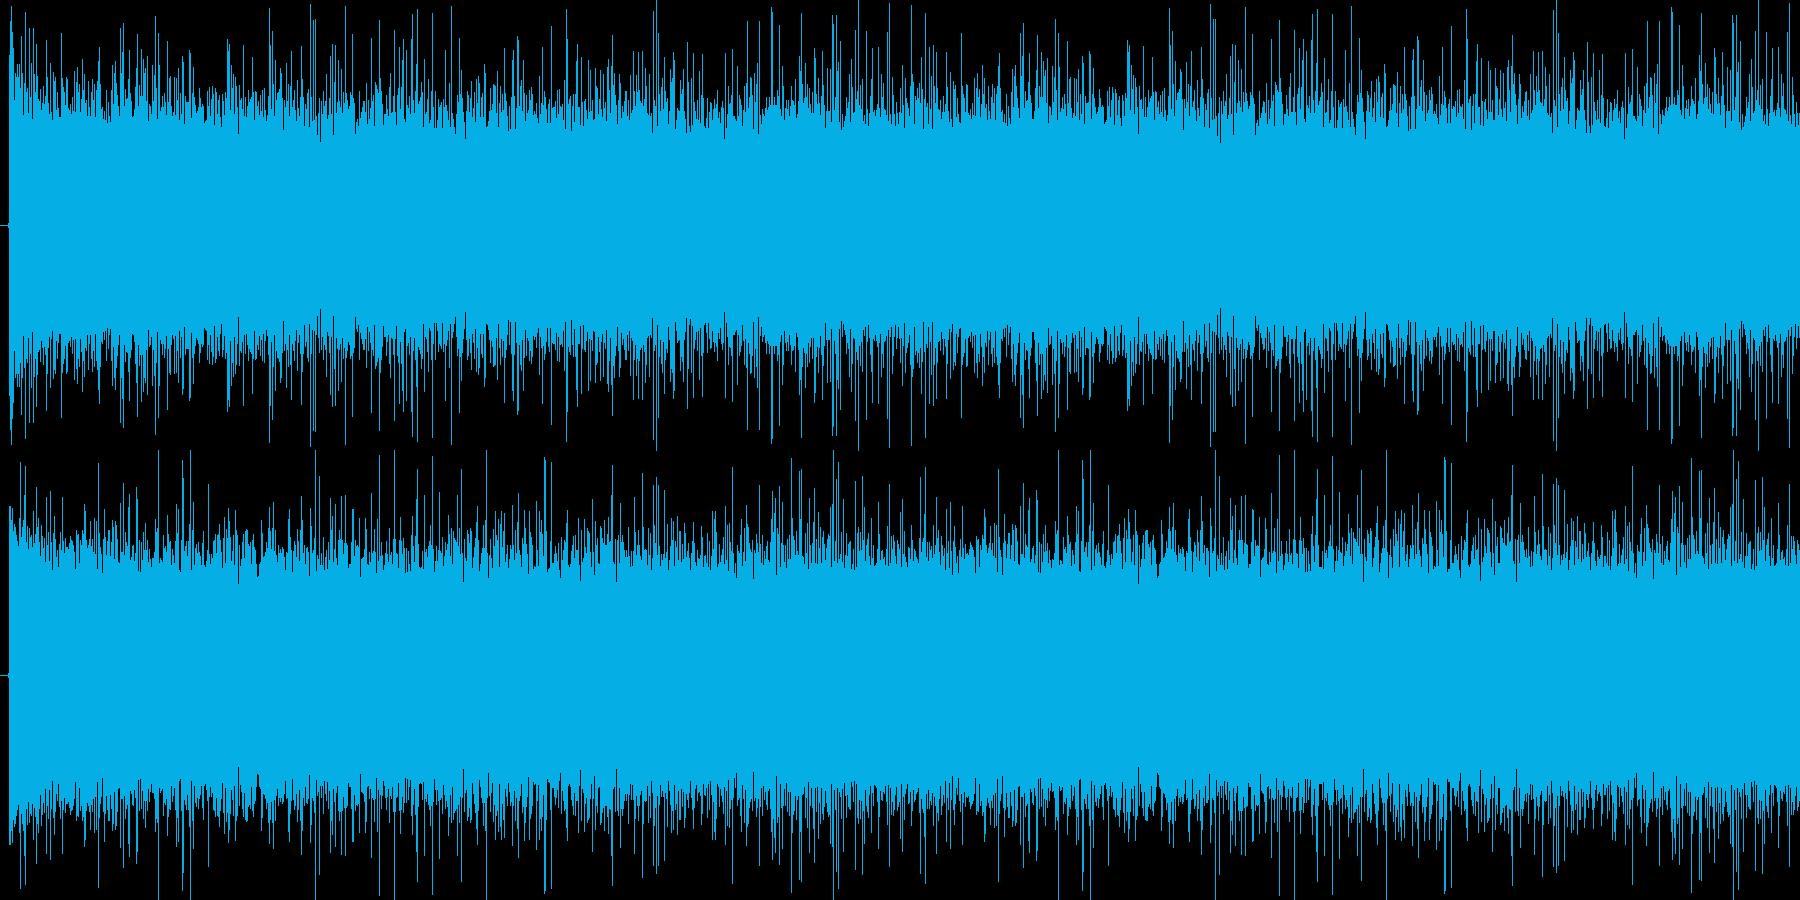 雨音(ジャー)の再生済みの波形